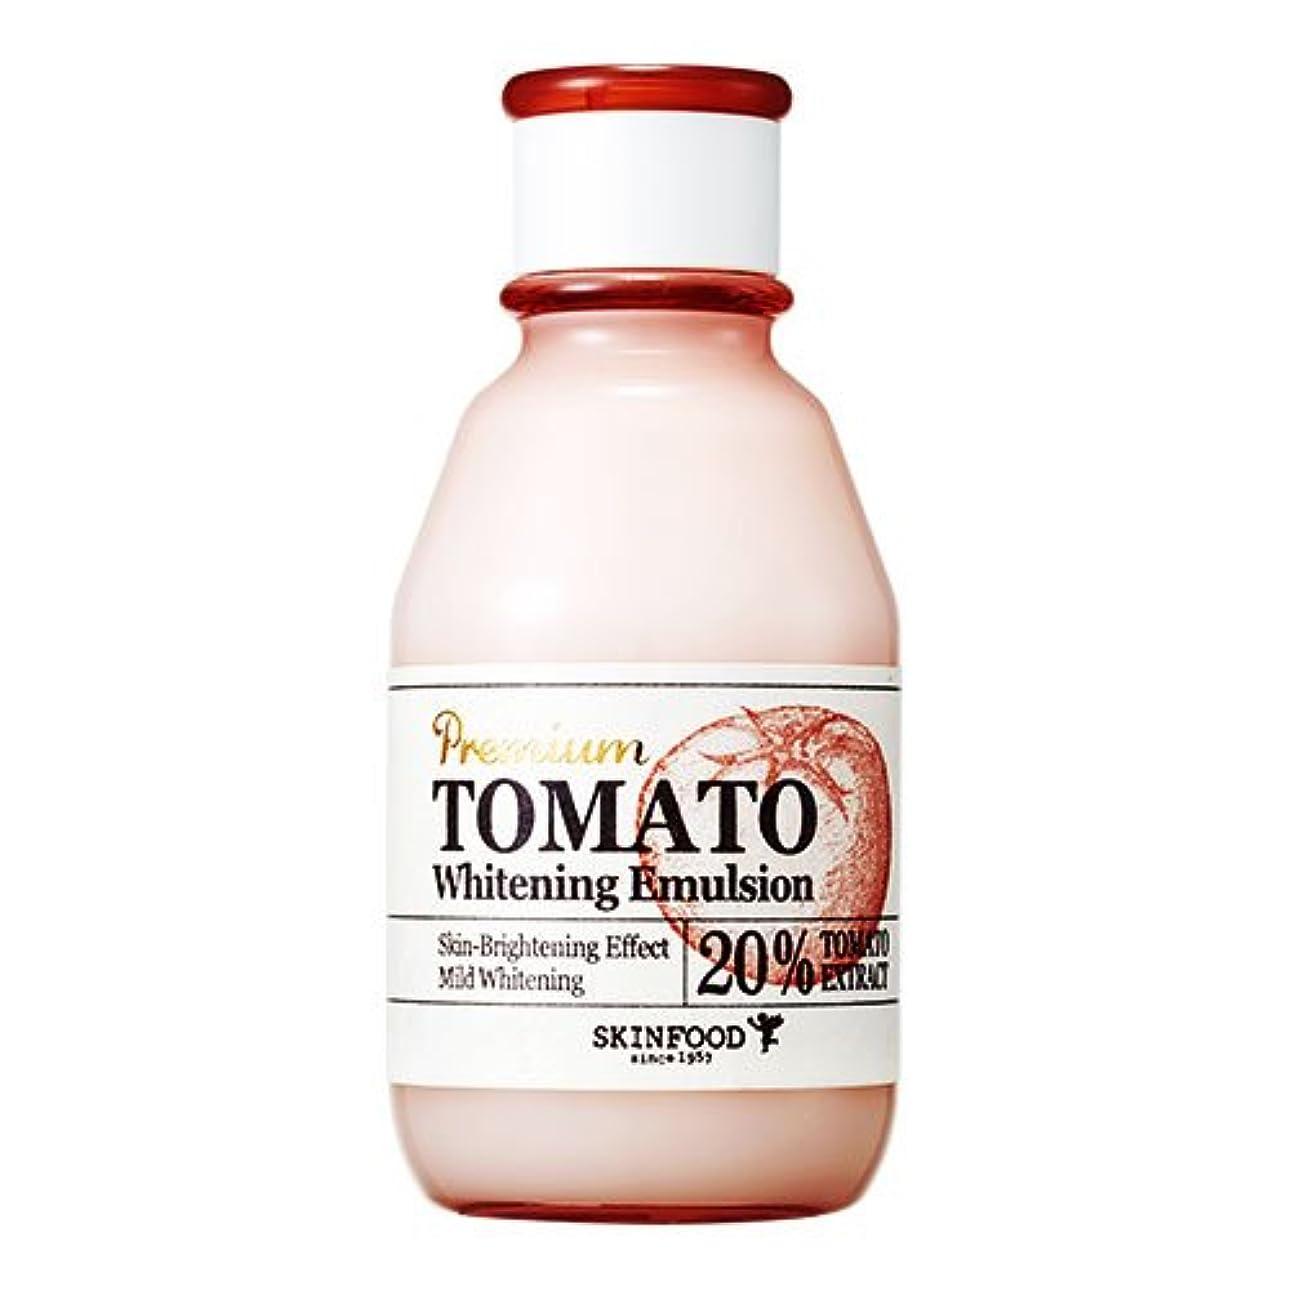 超高層ビルぼろ怒って[スキンフード] SKINFOOD プレミアムトマトホワイトニングエマルジョン Premium Tomato Whitening Emulsion (海外直送品) [並行輸入品]